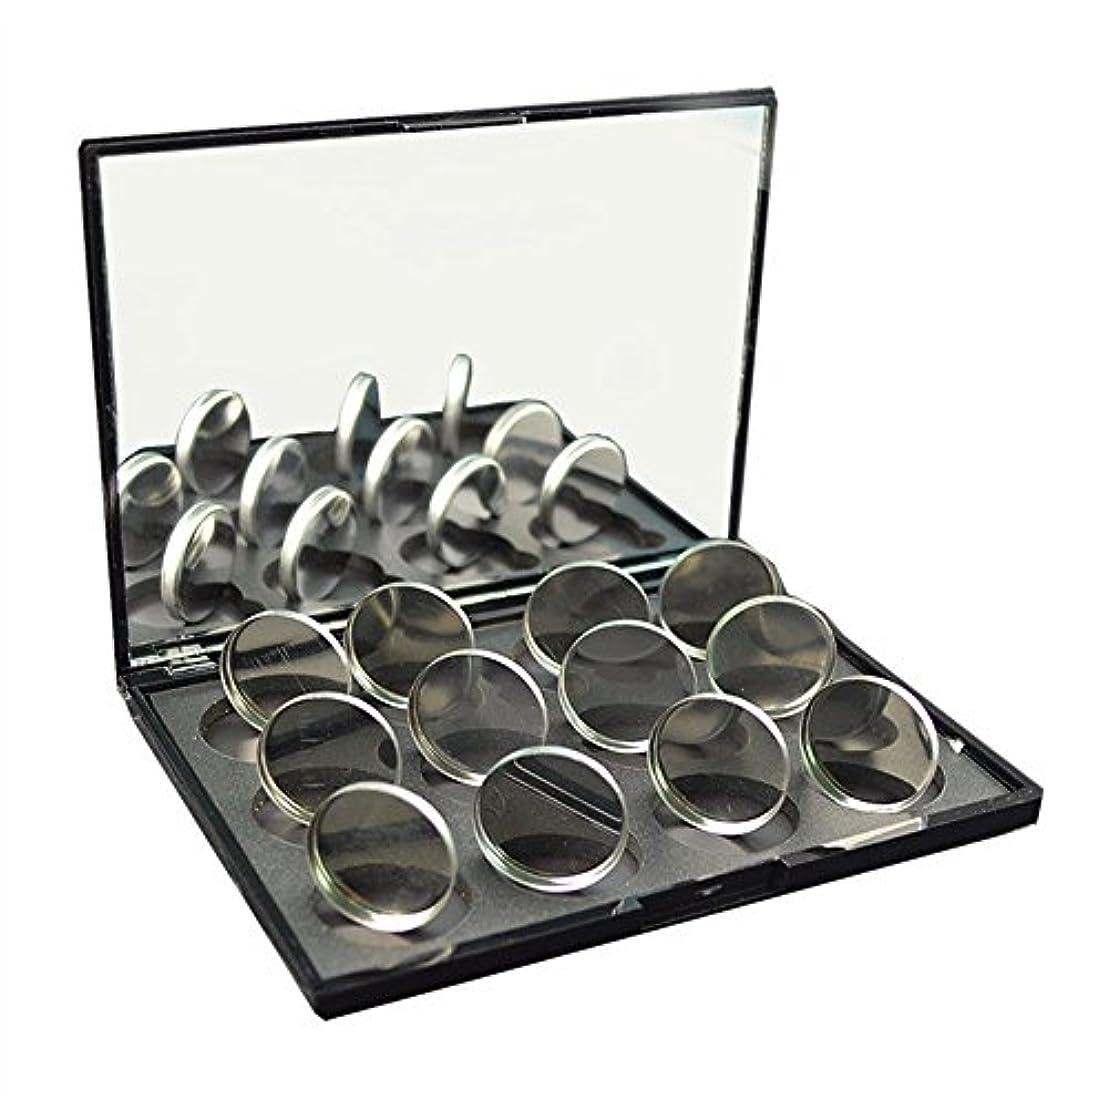 ベンチ移動デマンド磁石に敏感な粉のアイシャドウ26mmのための100pcs空の円形の錫鍋